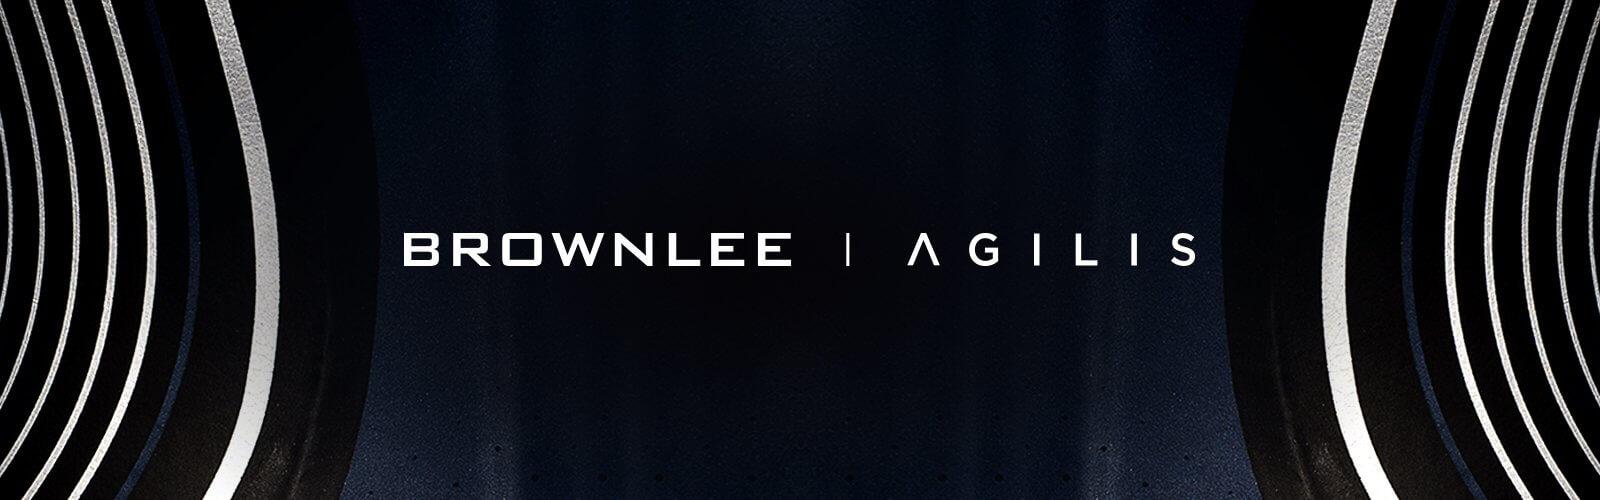 Brownlee Agilis Trhiathlon Wetsuit